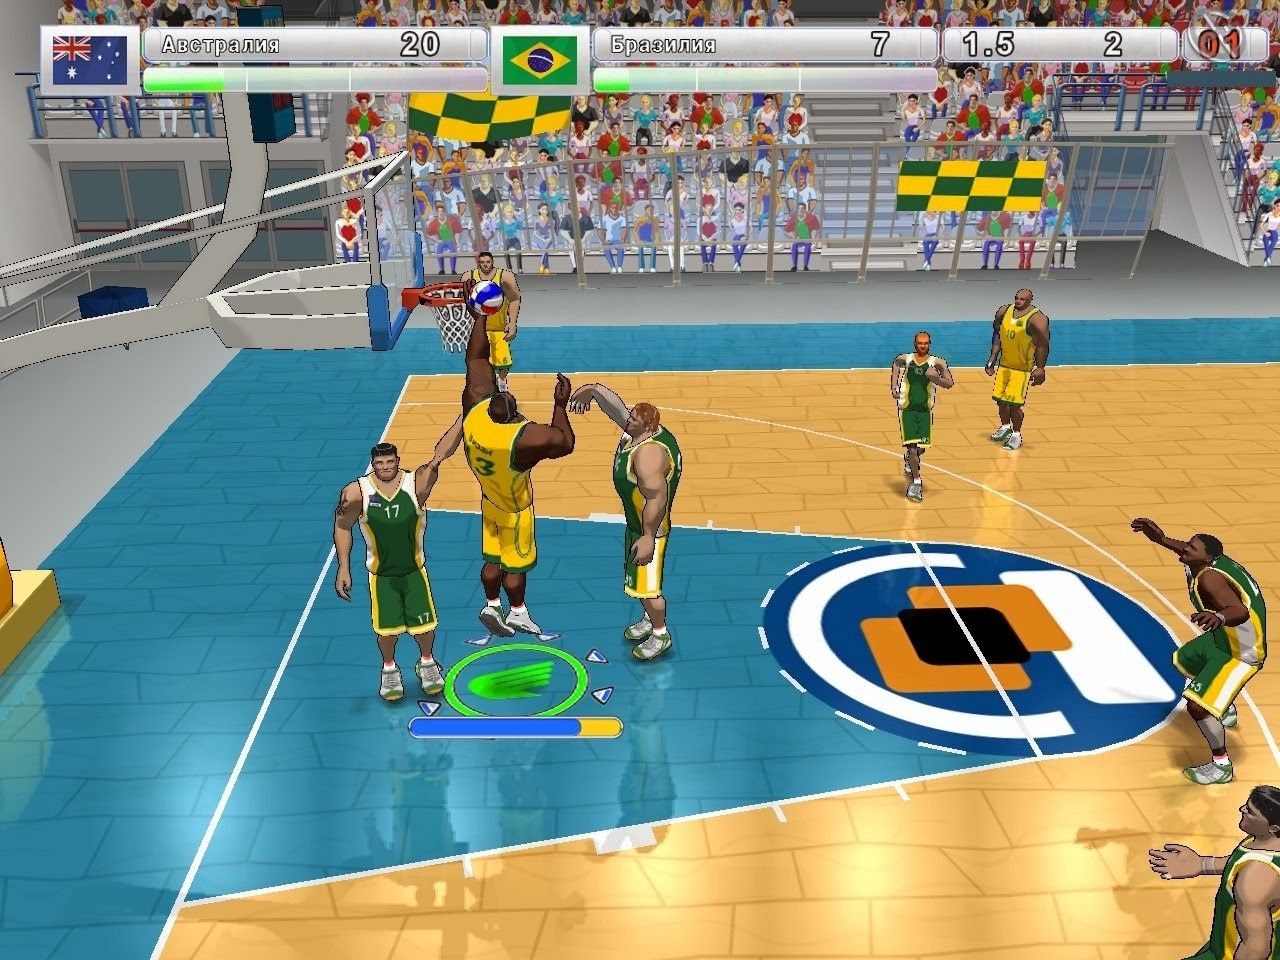 Download Games Incredi Basketball Full Crack - Free ...